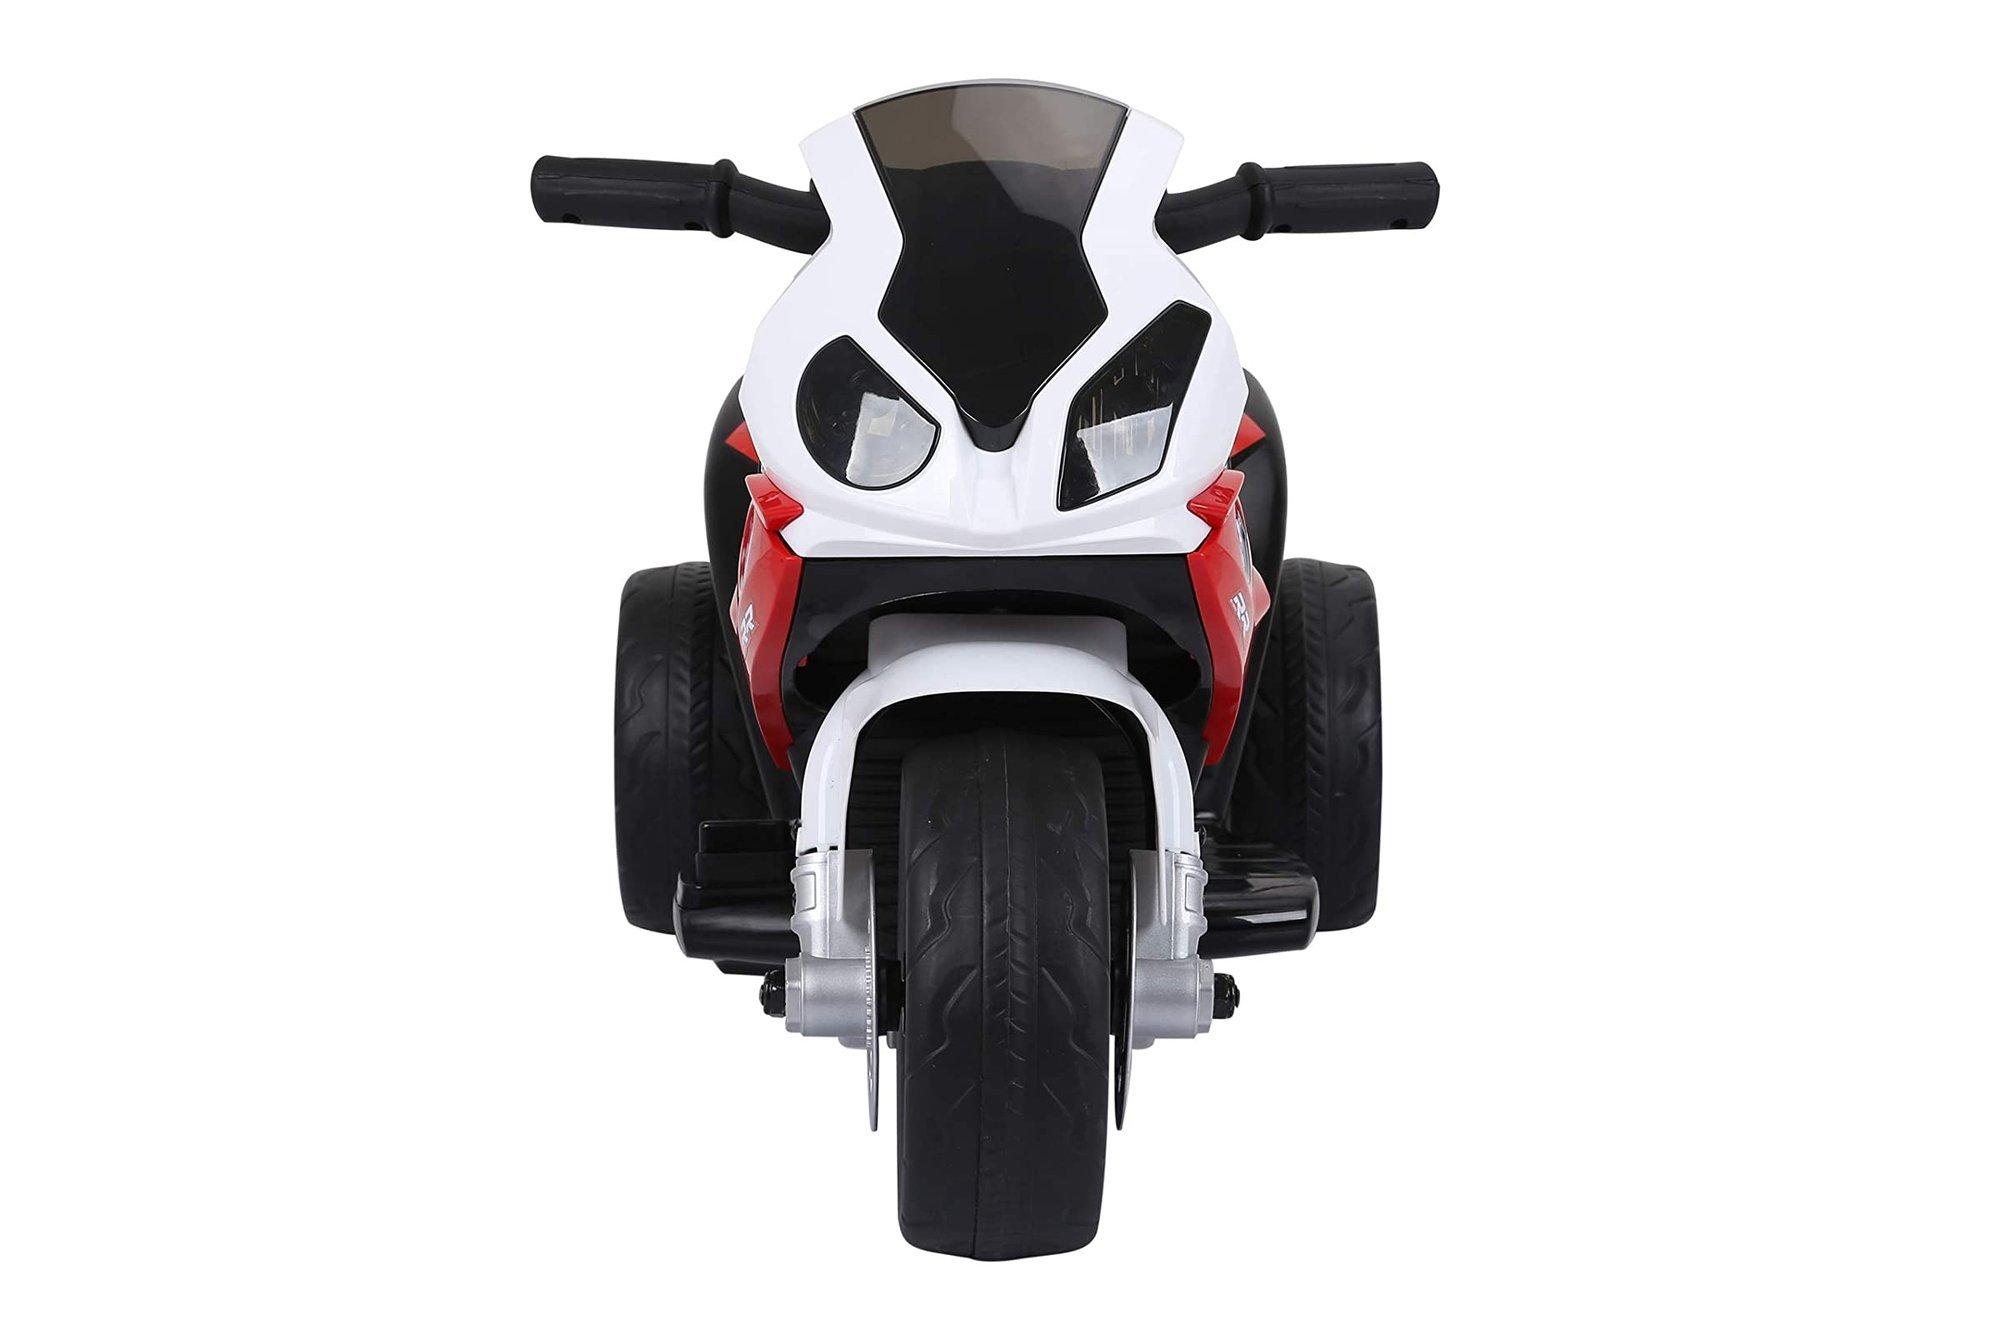 HOMCOM Electric Kids Ride auf BMW Motorrad mit roten Scheinwerfern